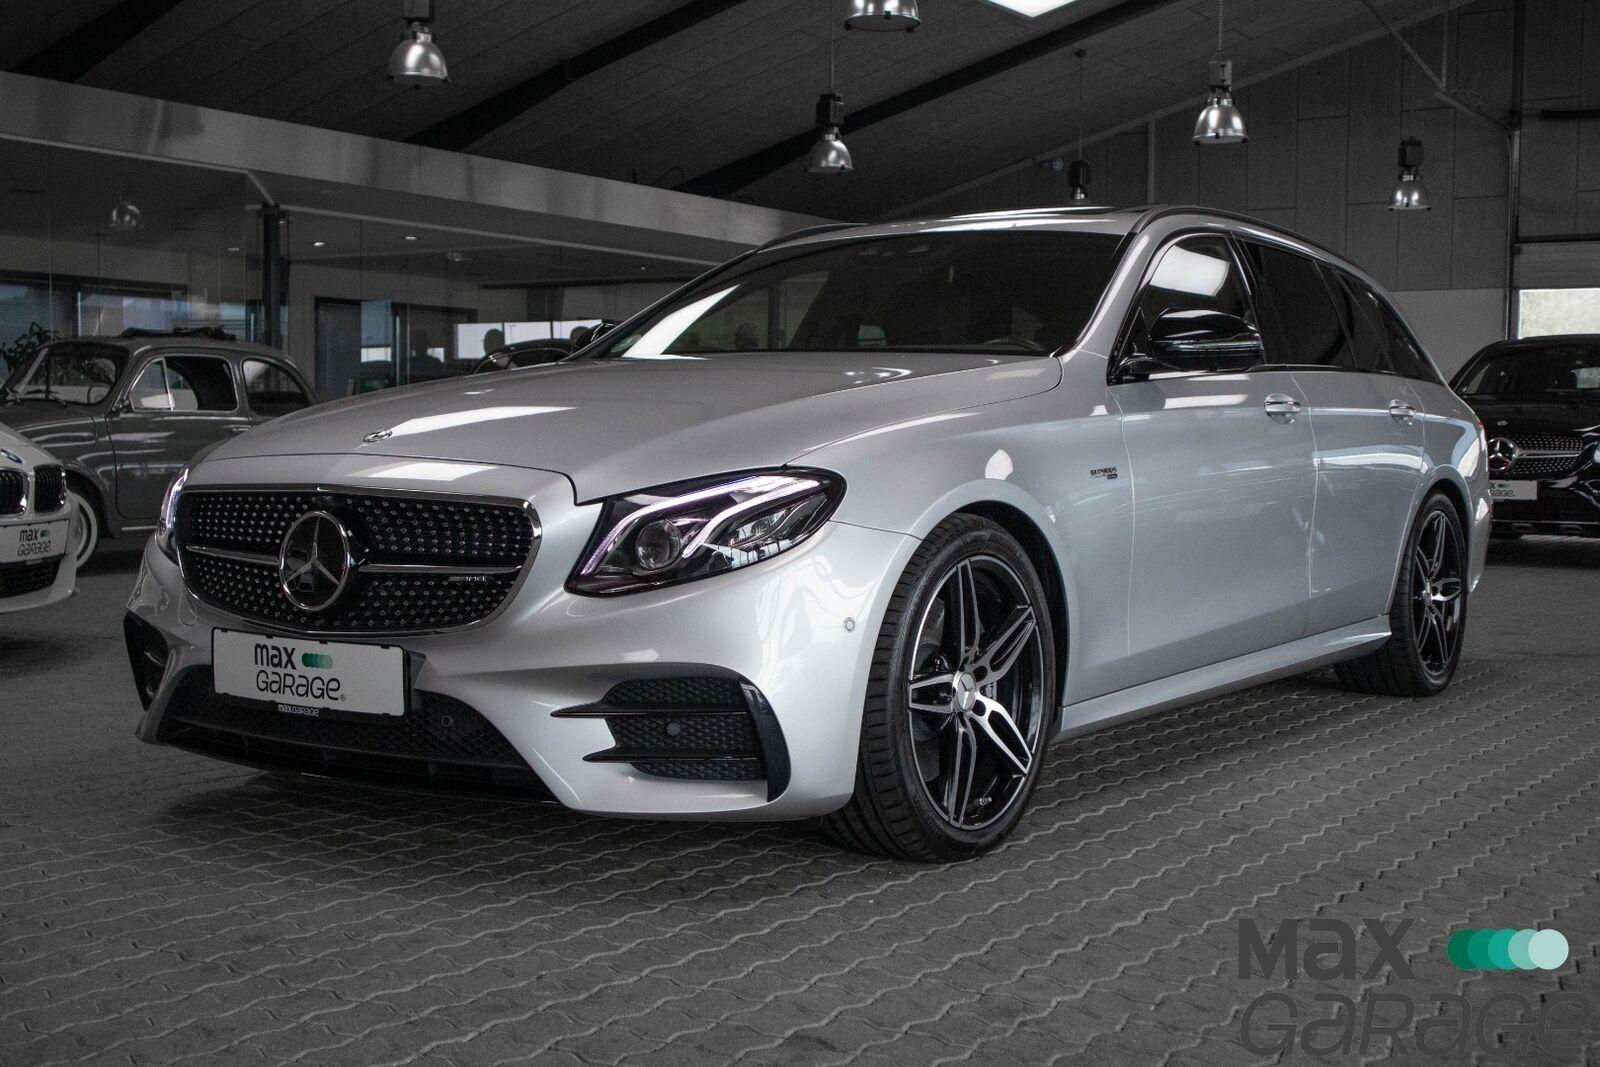 Mercedes E43 3,0 AMG stc. aut. 4-M 5d - 5.995 kr.